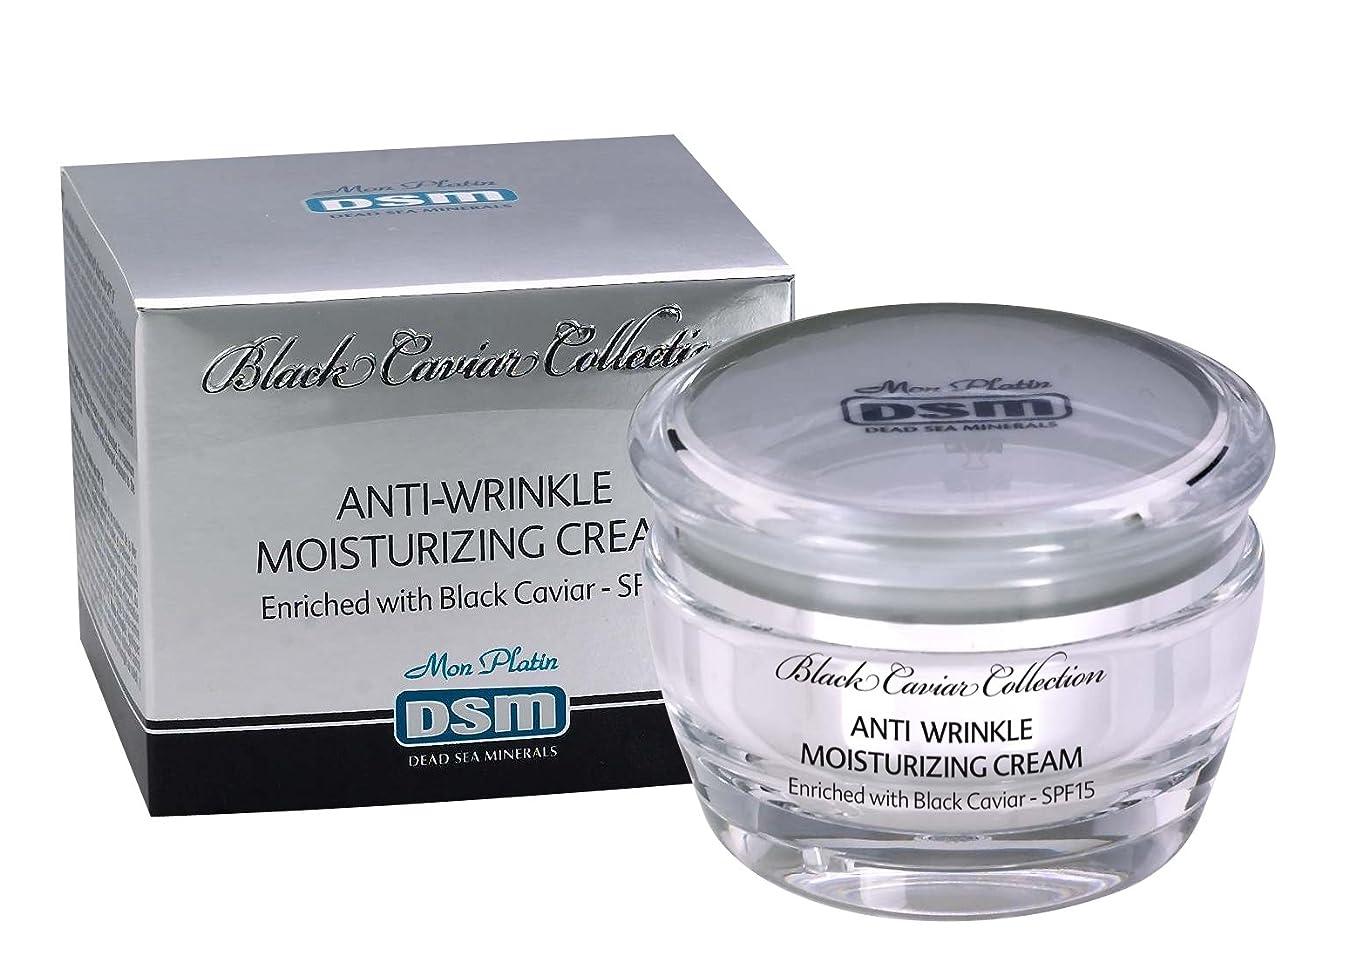 ゴム利得パラメータ皺取りしっとり湿潤クリーム 黒キャビア SPF15 死海ミネラル50mL Mon Platin 全皮膚タイプ ミネラル お顔 (Anti-Wrinkle Moisturizing Cream with Black Caviar SPF 15)